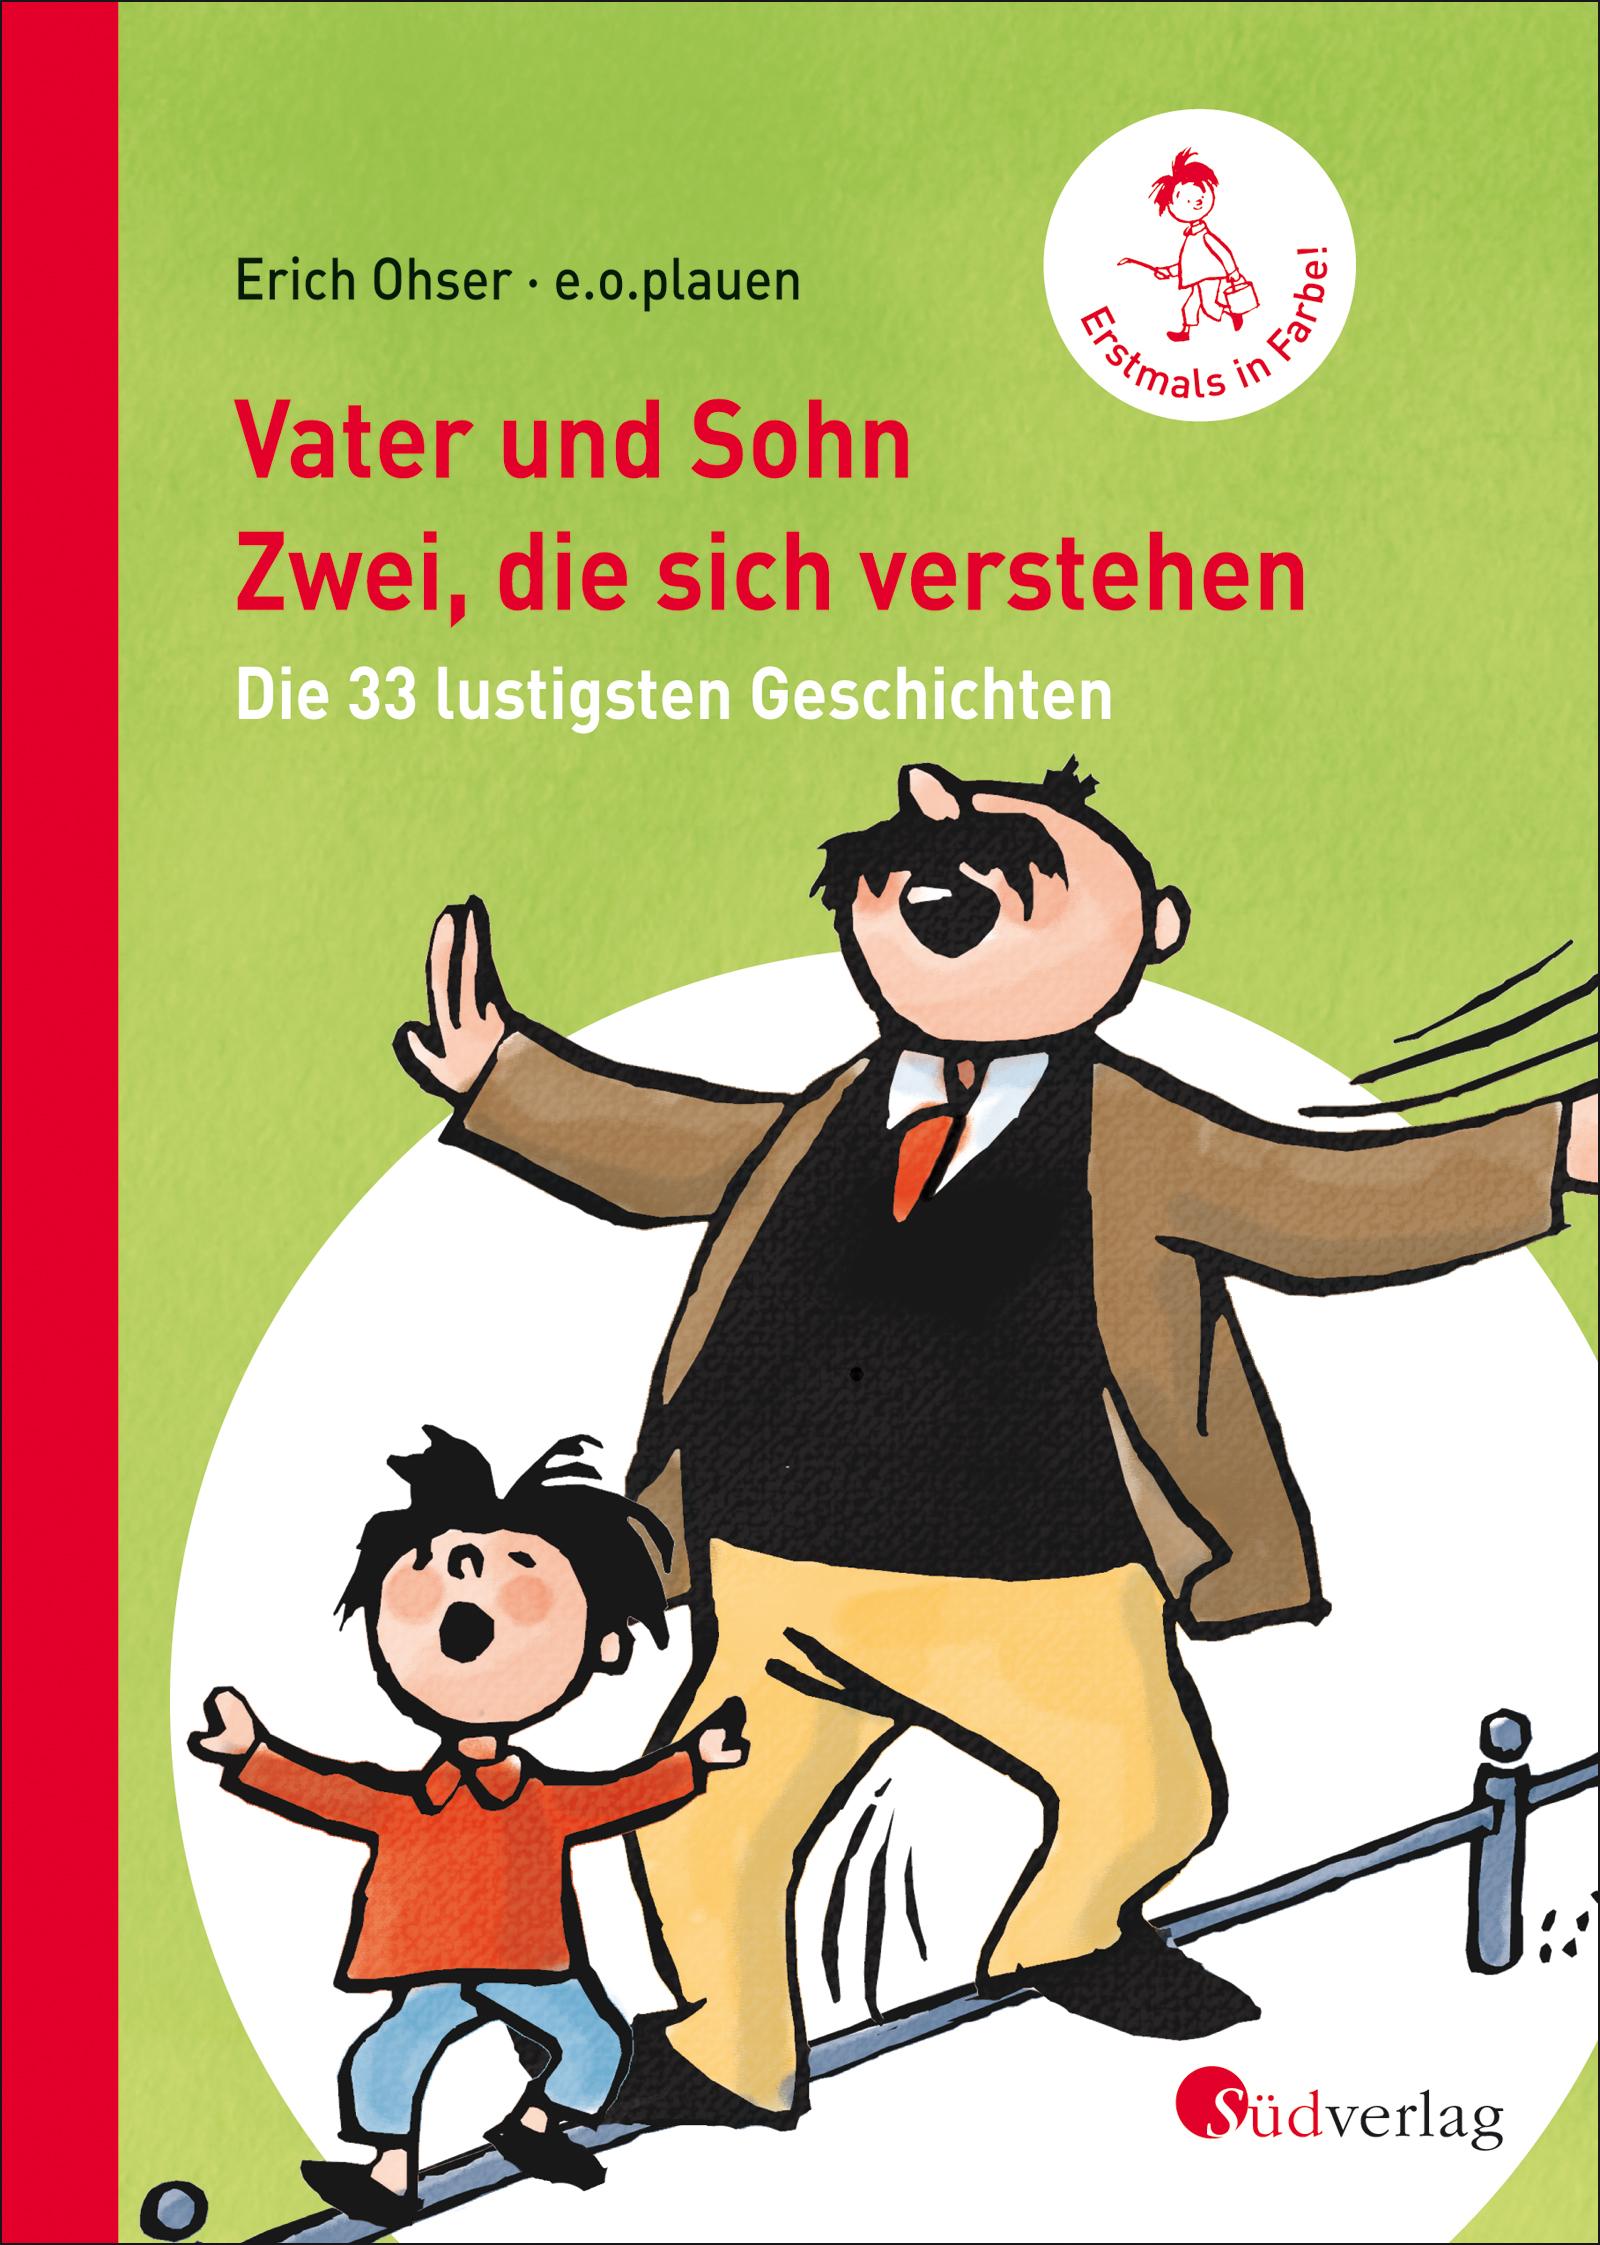 Vater und Sohn - Zwei, die sich verstehen: Die 33 lustigsten Geschichten - Erich Ohser alias e. o. plauen [Gebundene Aus